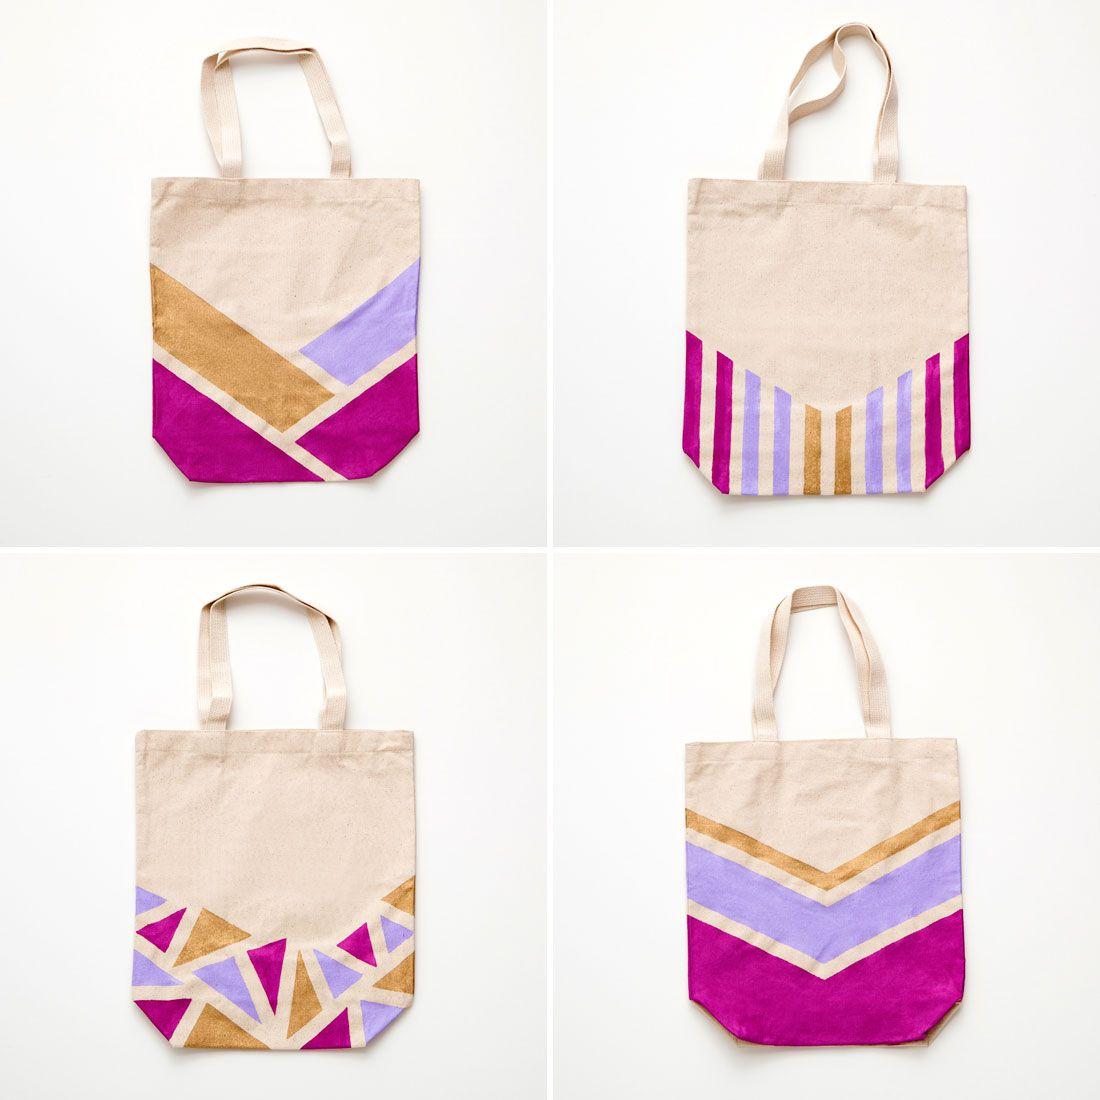 C mo hacer bolsas de tela con motivos geom tricos diy - Como hacer cuadros de tela ...